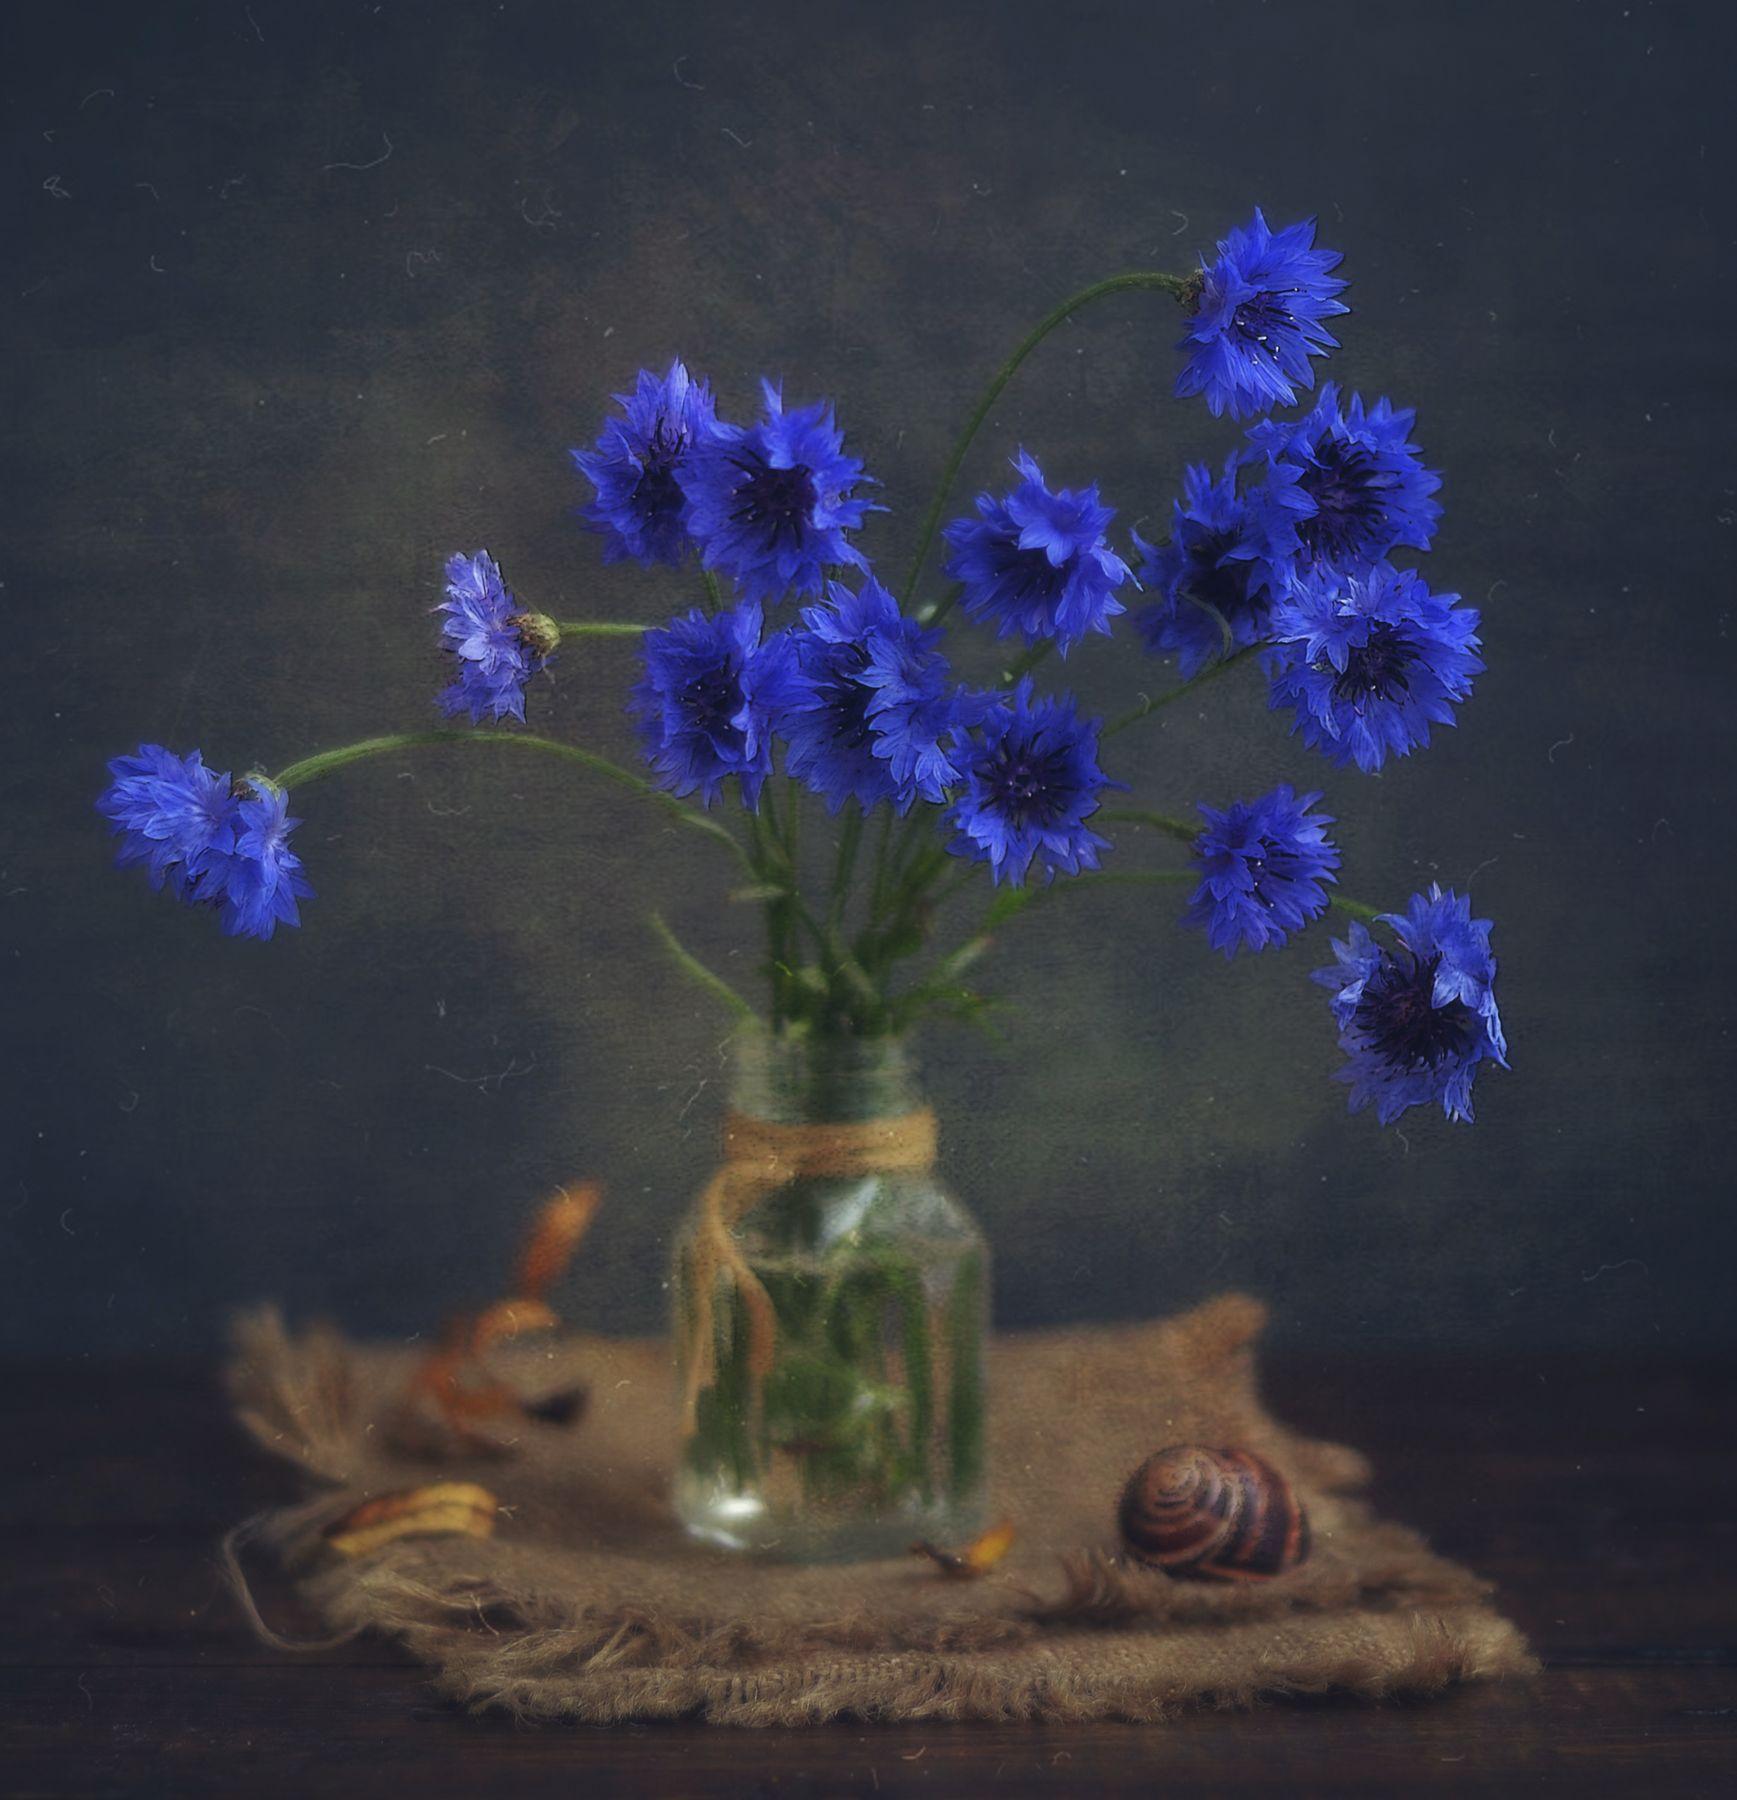 последние васильки... натюрморт композиция васильки цветы ракушка